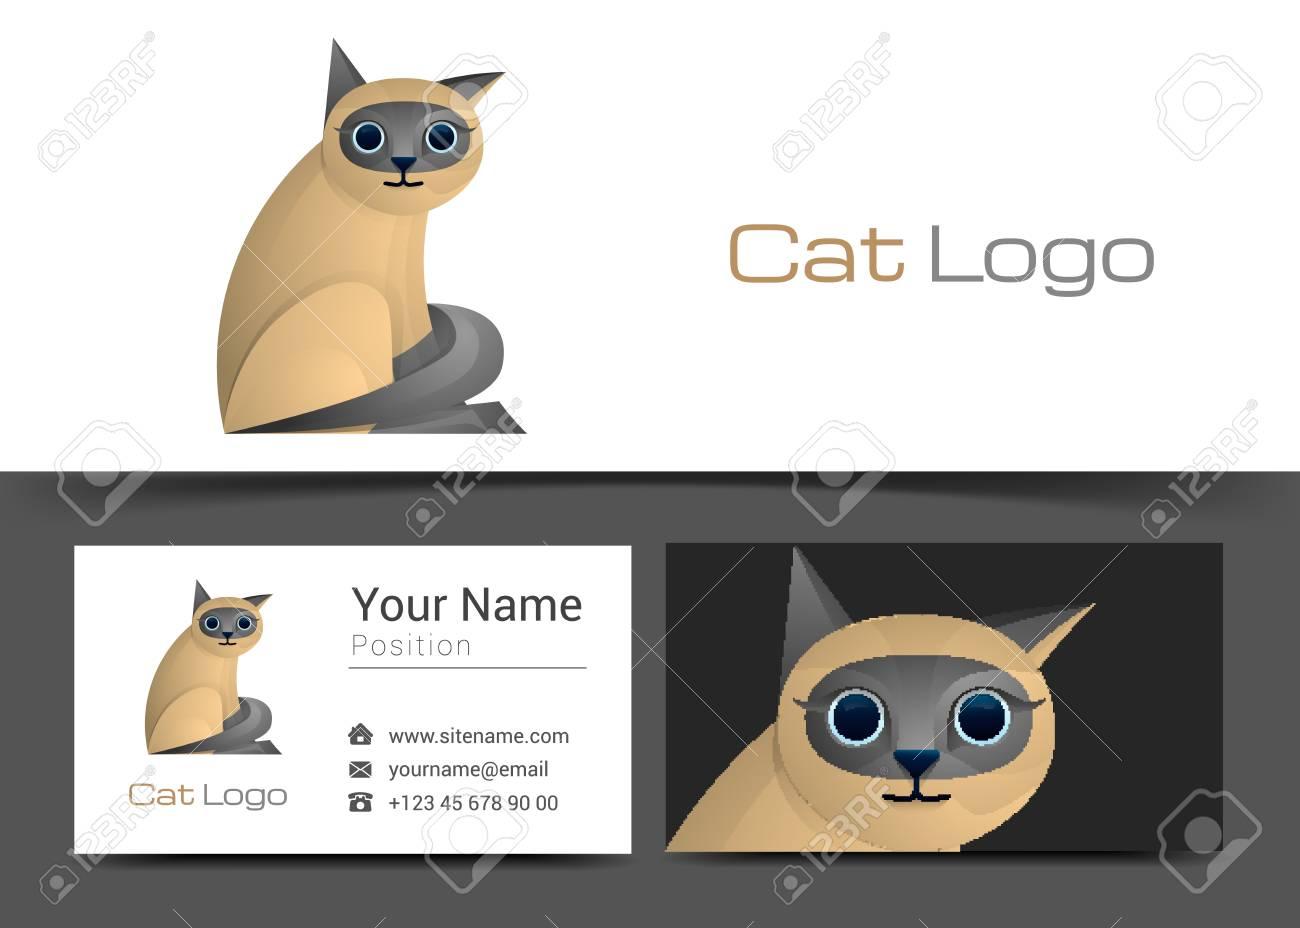 Modele De Logo Et Carte Visite Professionnelle Chat